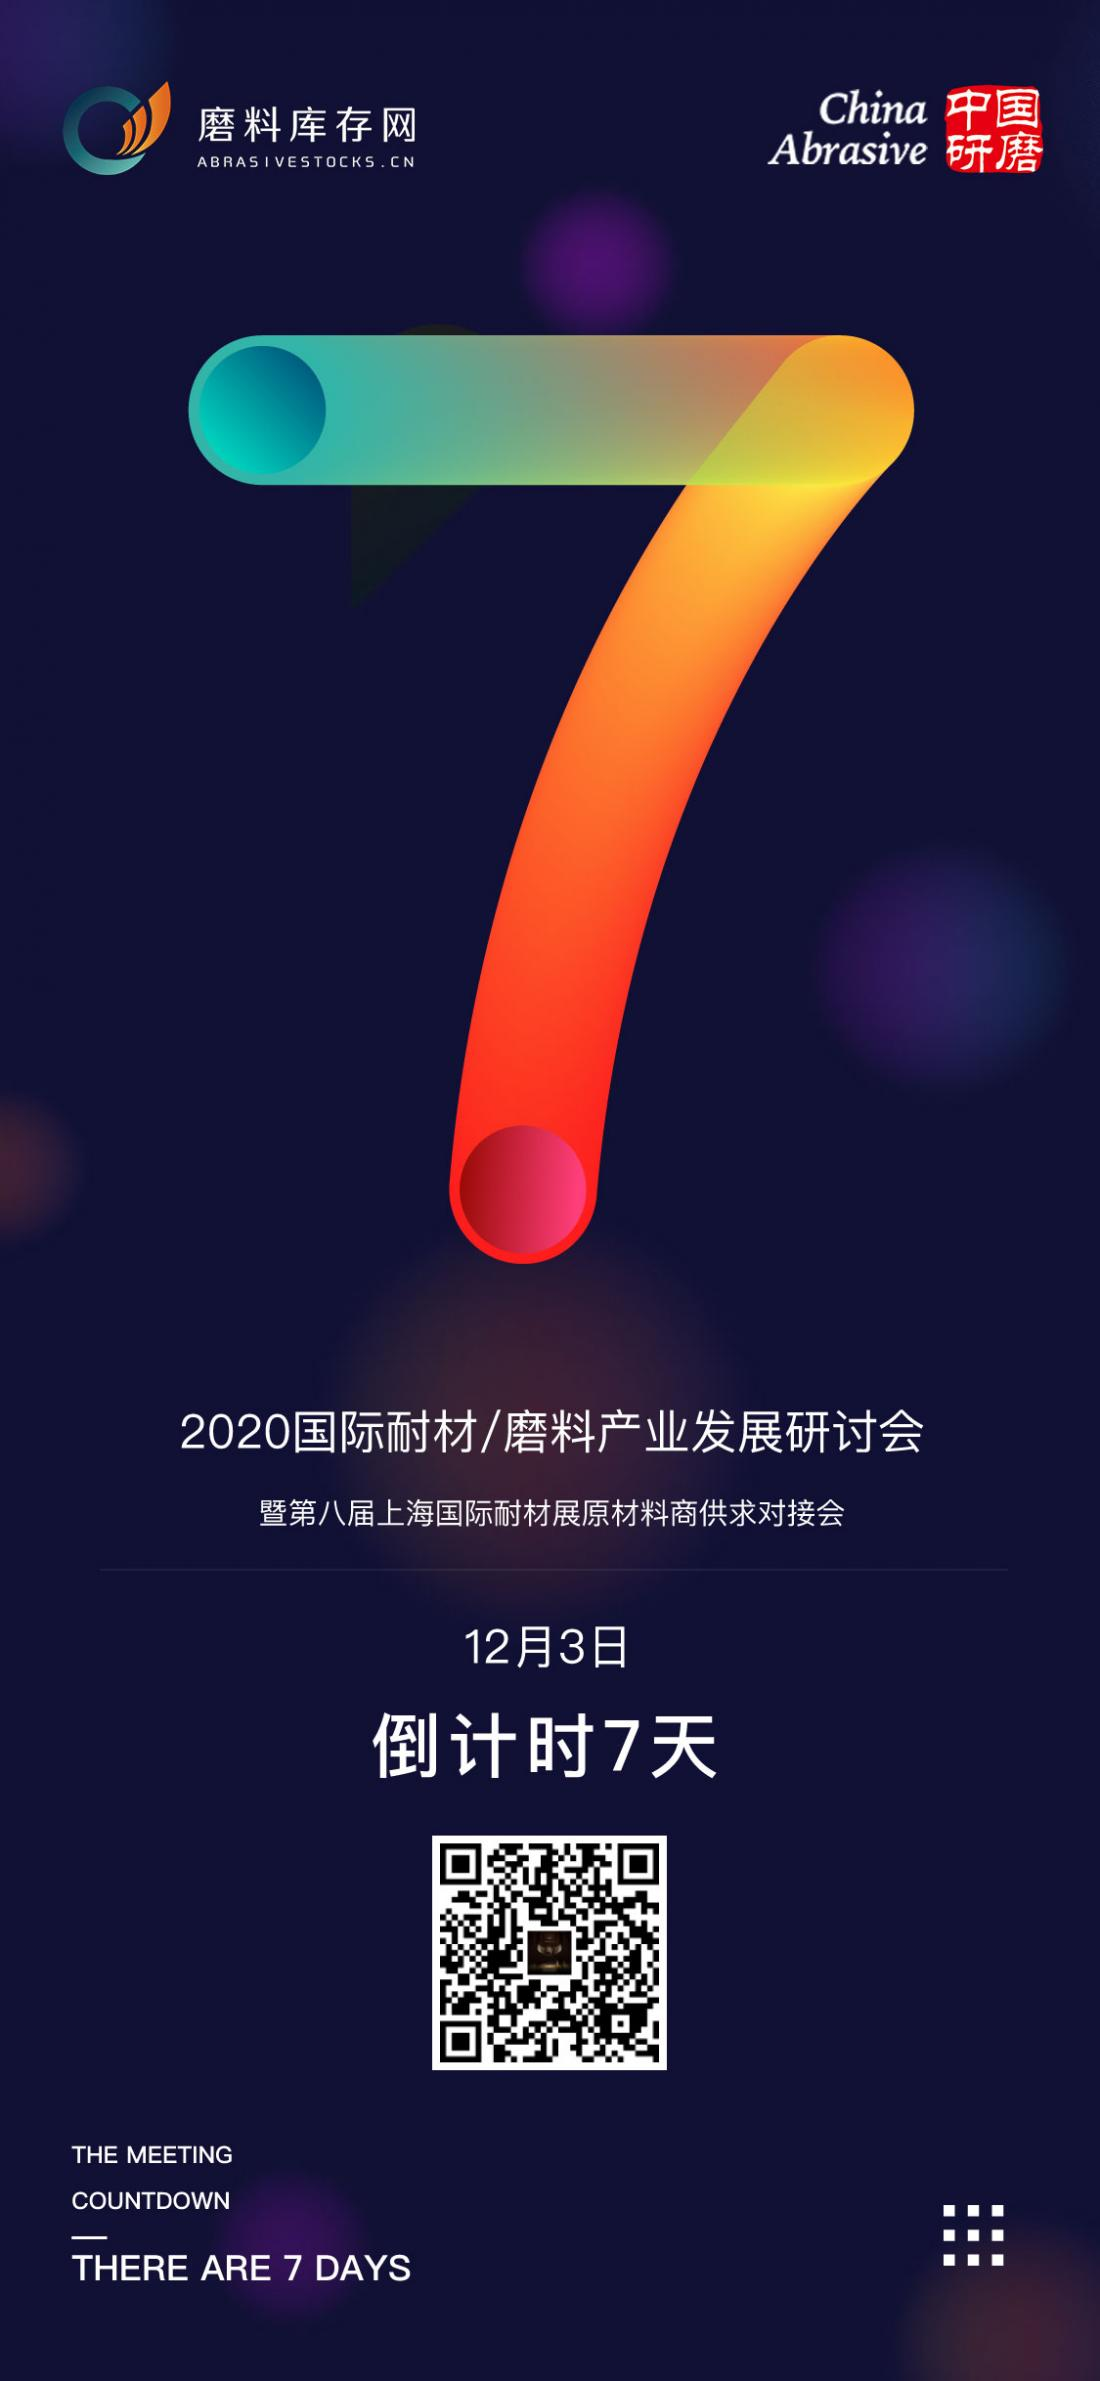 【倒计时7天】2020 国际耐材/磨料产业发展研讨会